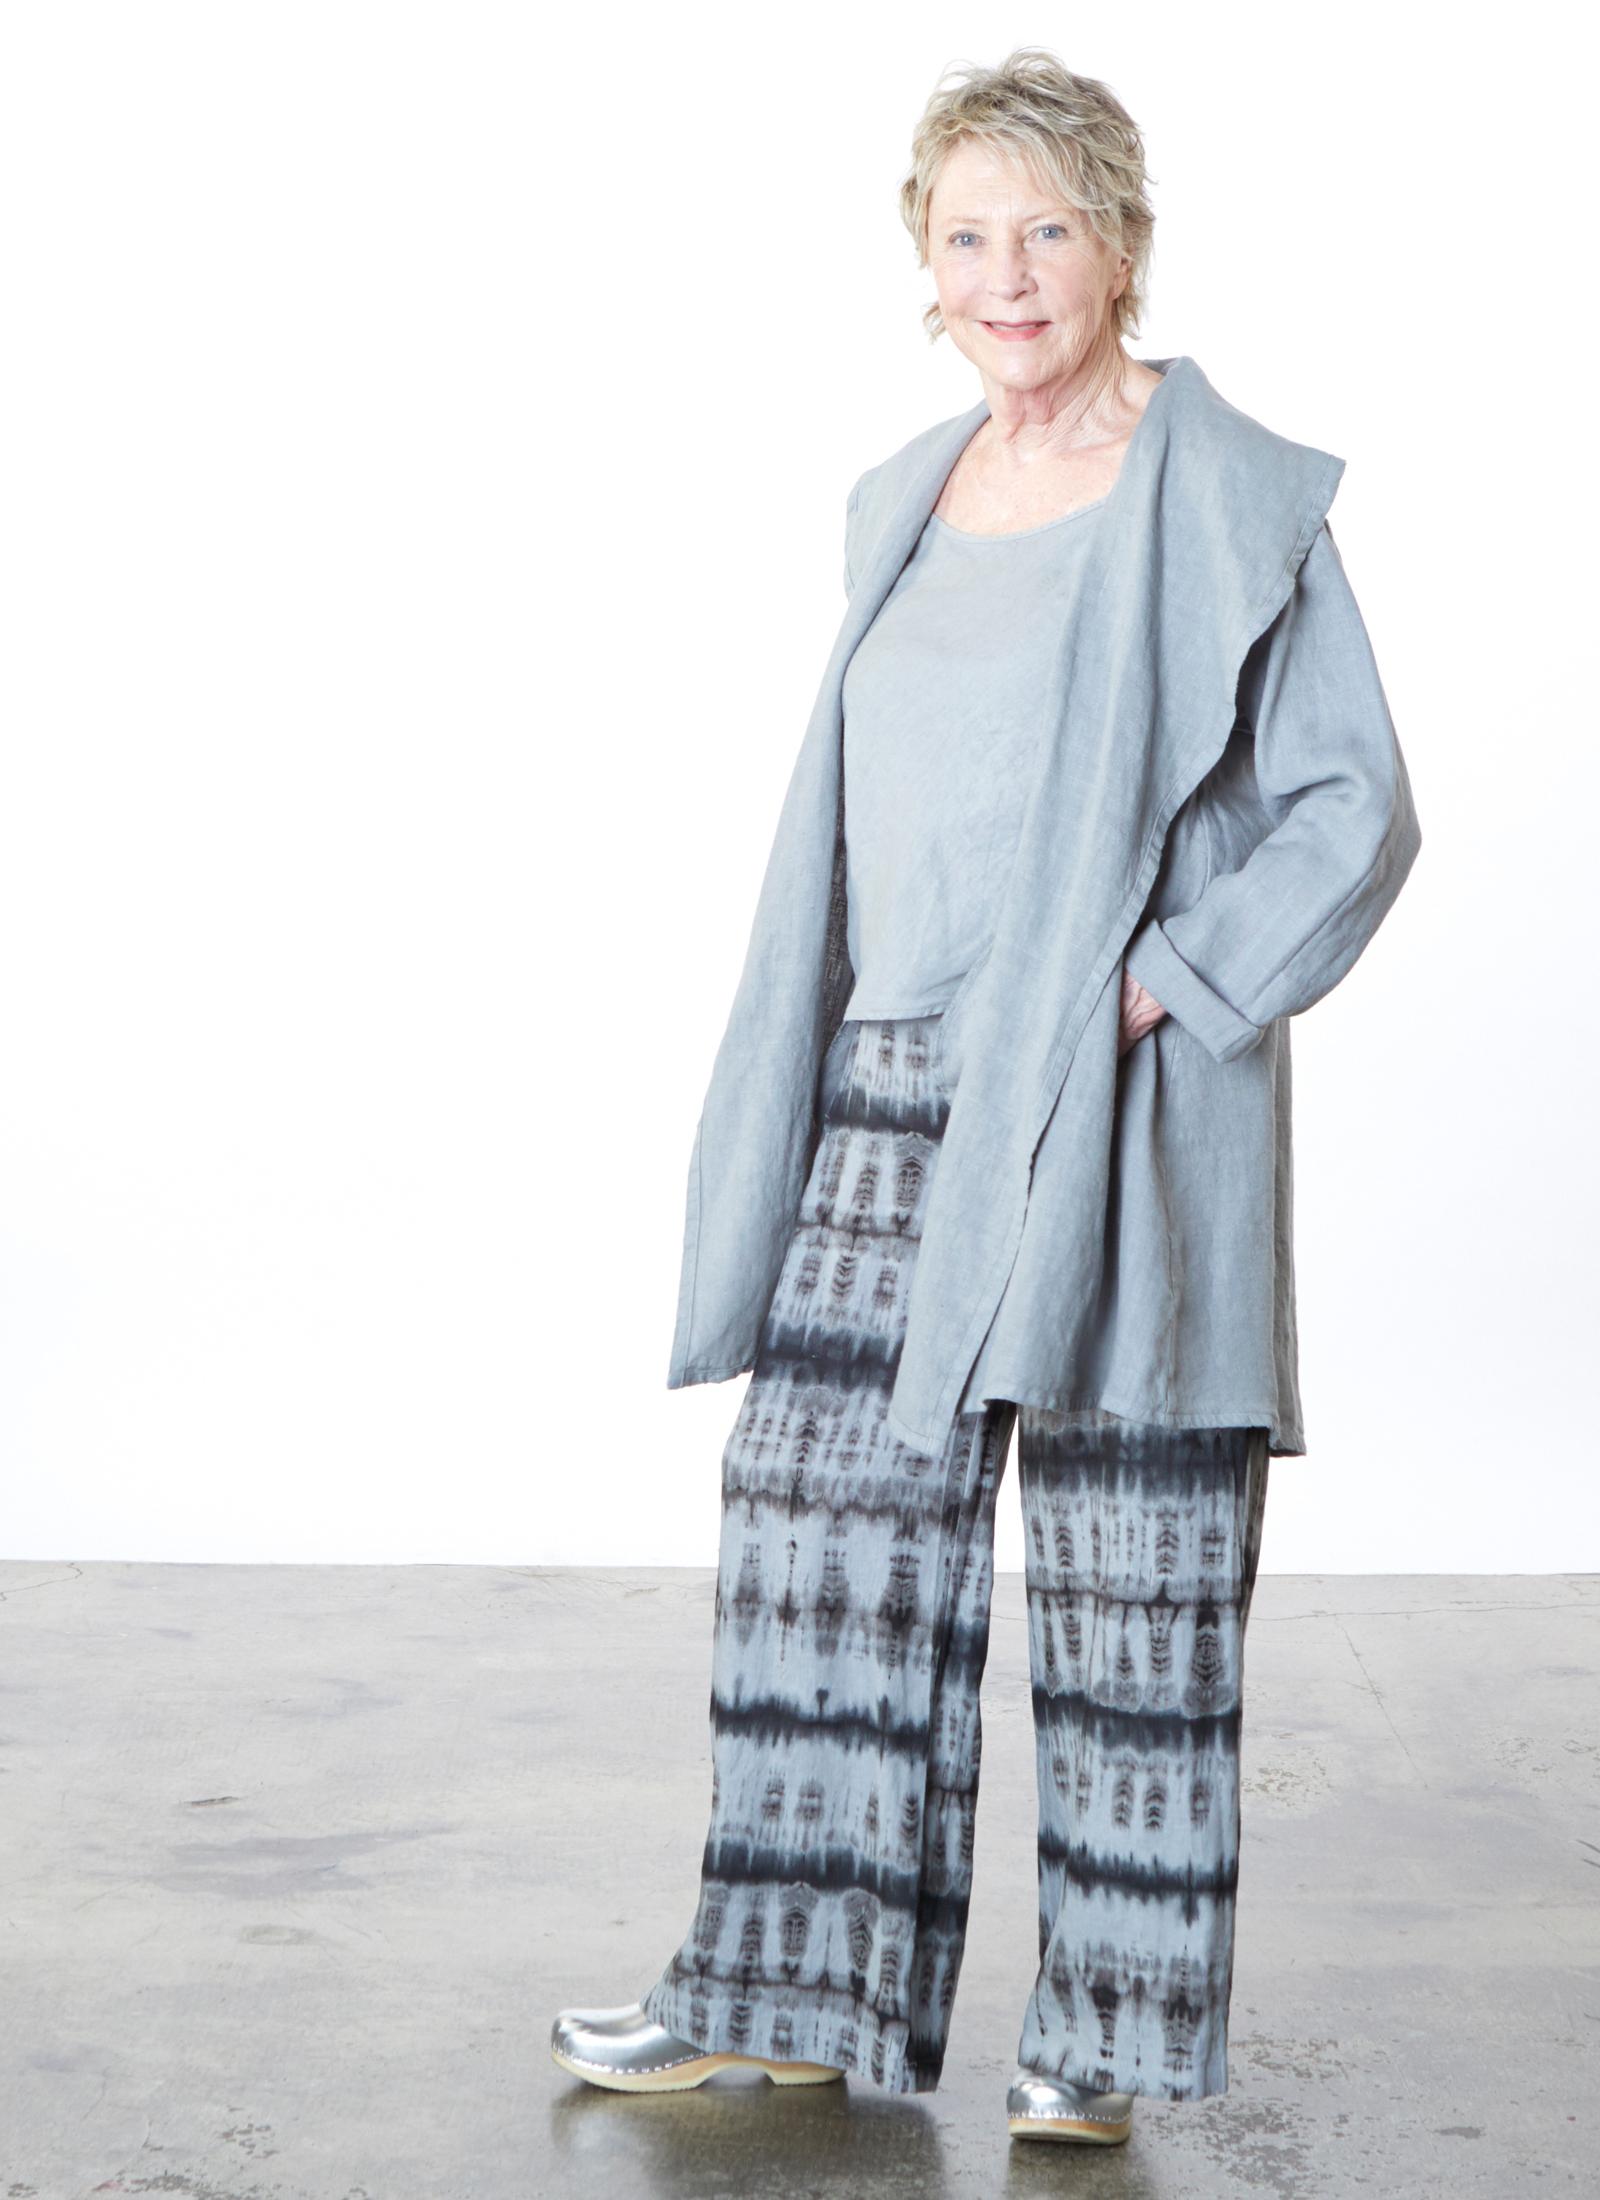 Marcella Jacket in Pietra Heavy Linen, Lucy Tank in Pietra Light Linen, Long Full Pant in Pietra Tie Dye Linen